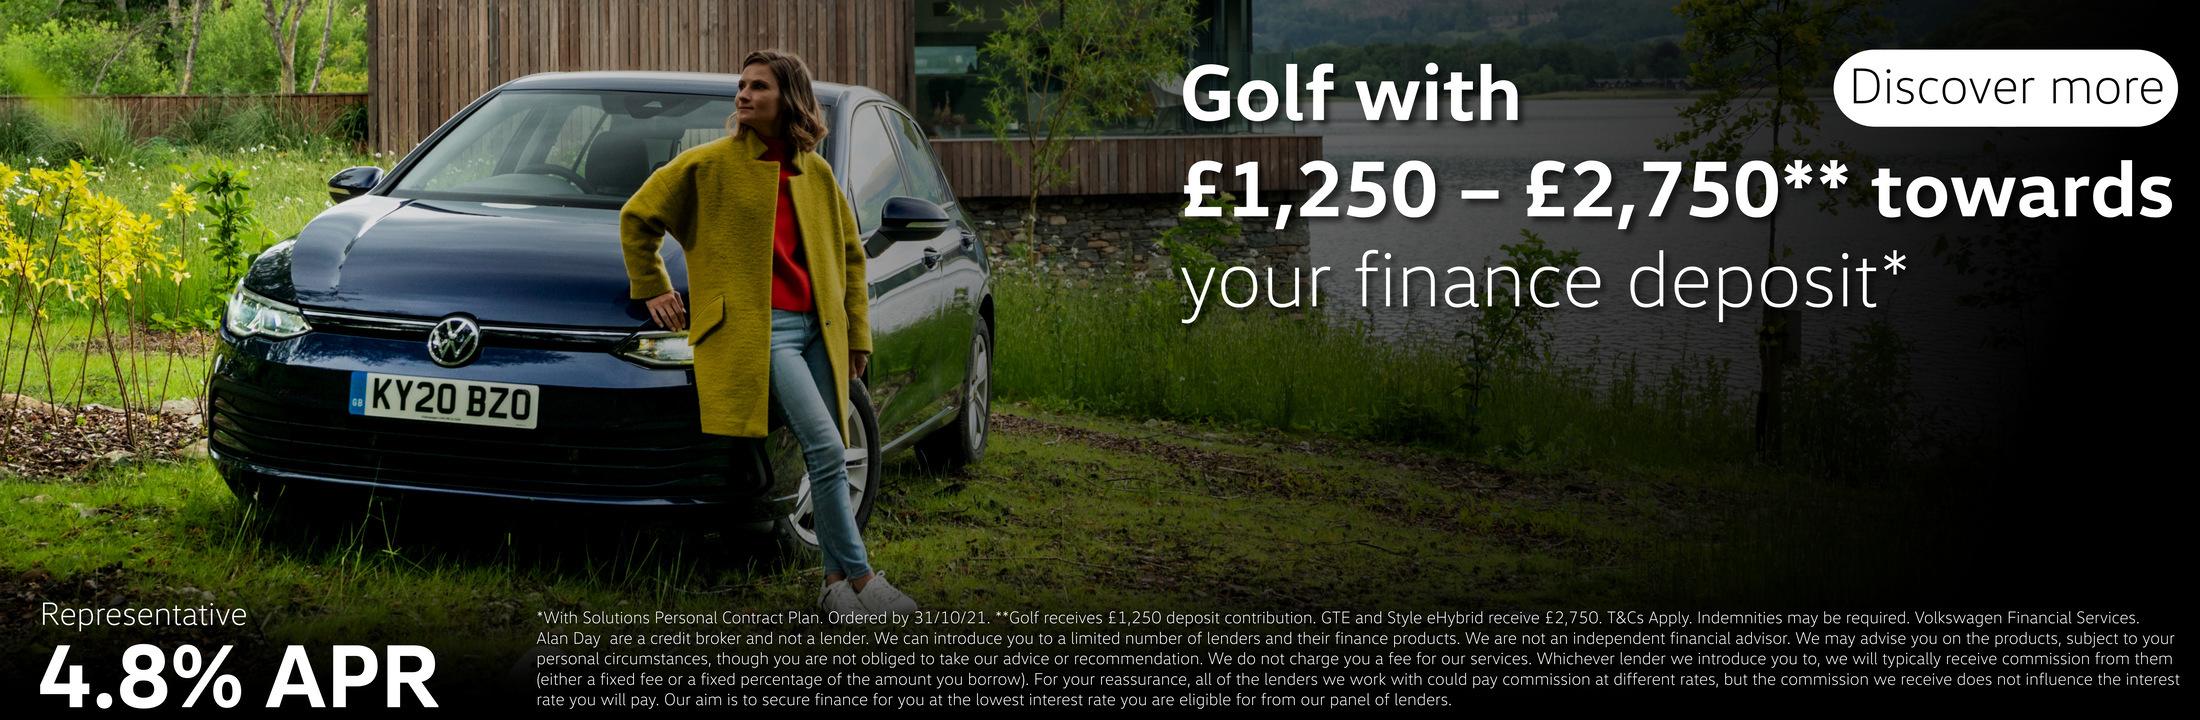 Golf 8 Offers